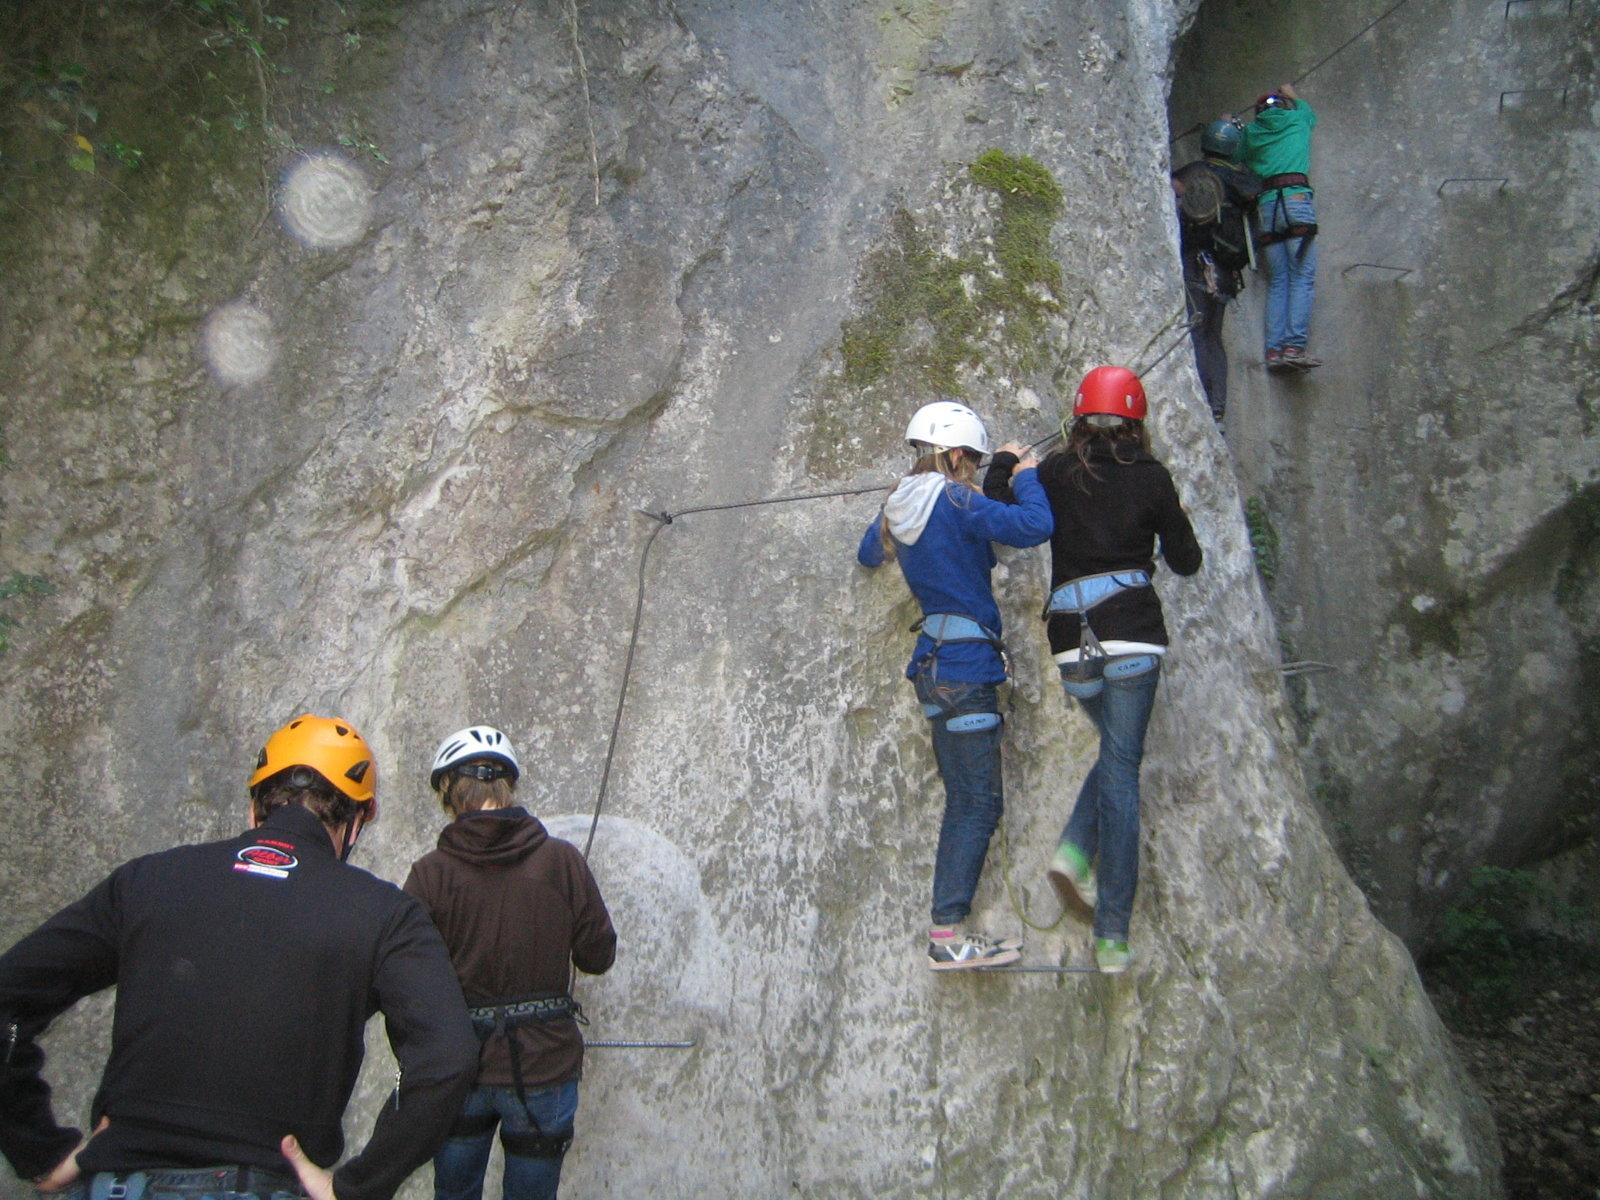 Klettersteig Arco : Tage geführte klettersteige am gardasee